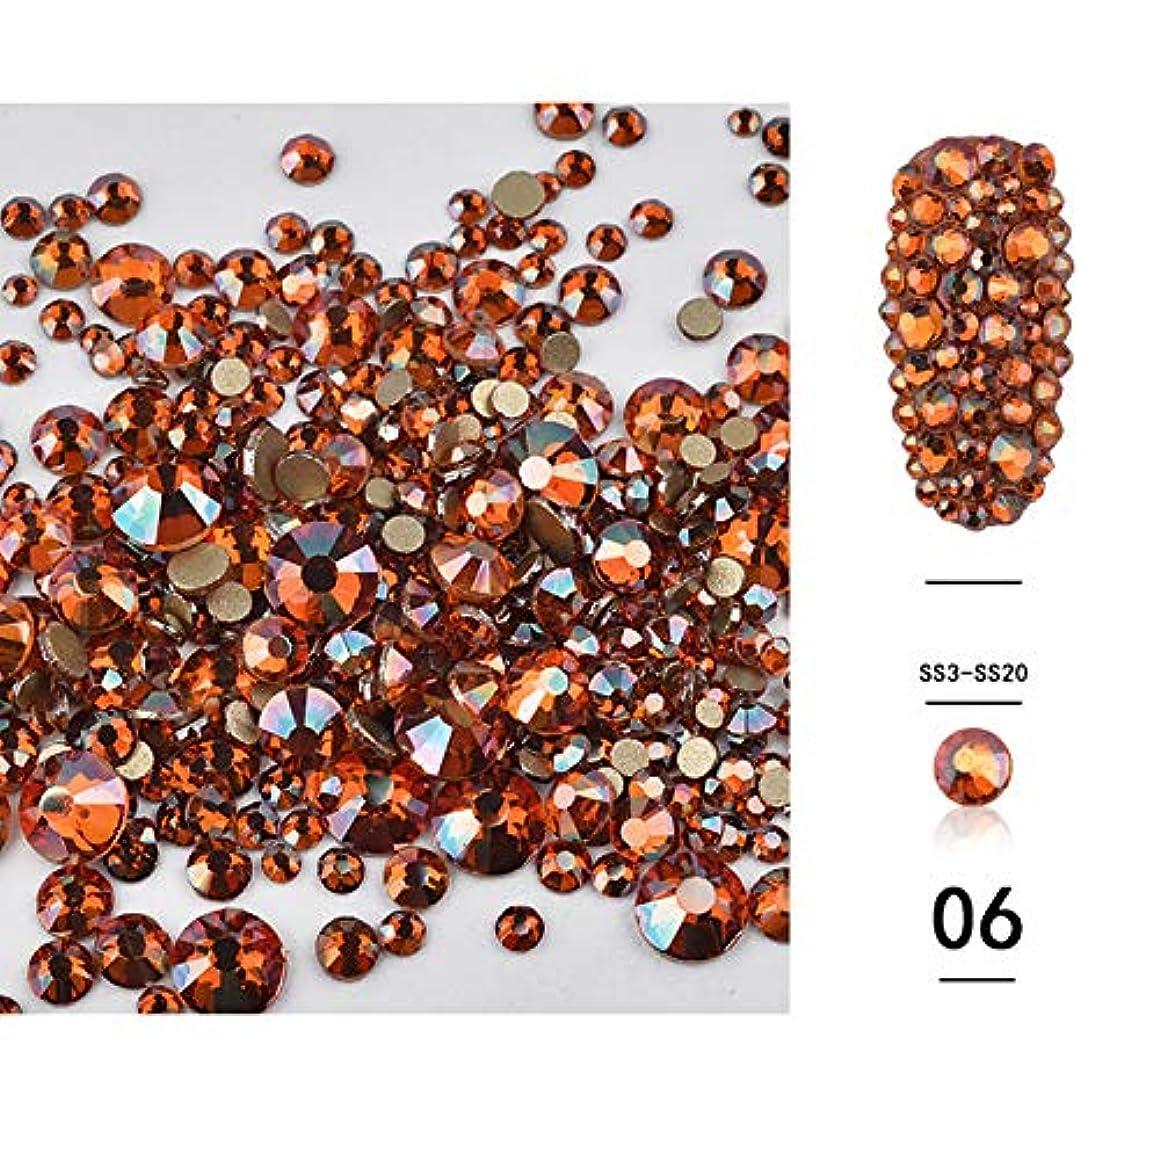 部分的メドレー紛争(1440pcsのパック)ネイルアートラインストーン3DデコレーションフラットボトムダイヤモンドシャイニーABクリスタル混合サイズDIYアクセサリー